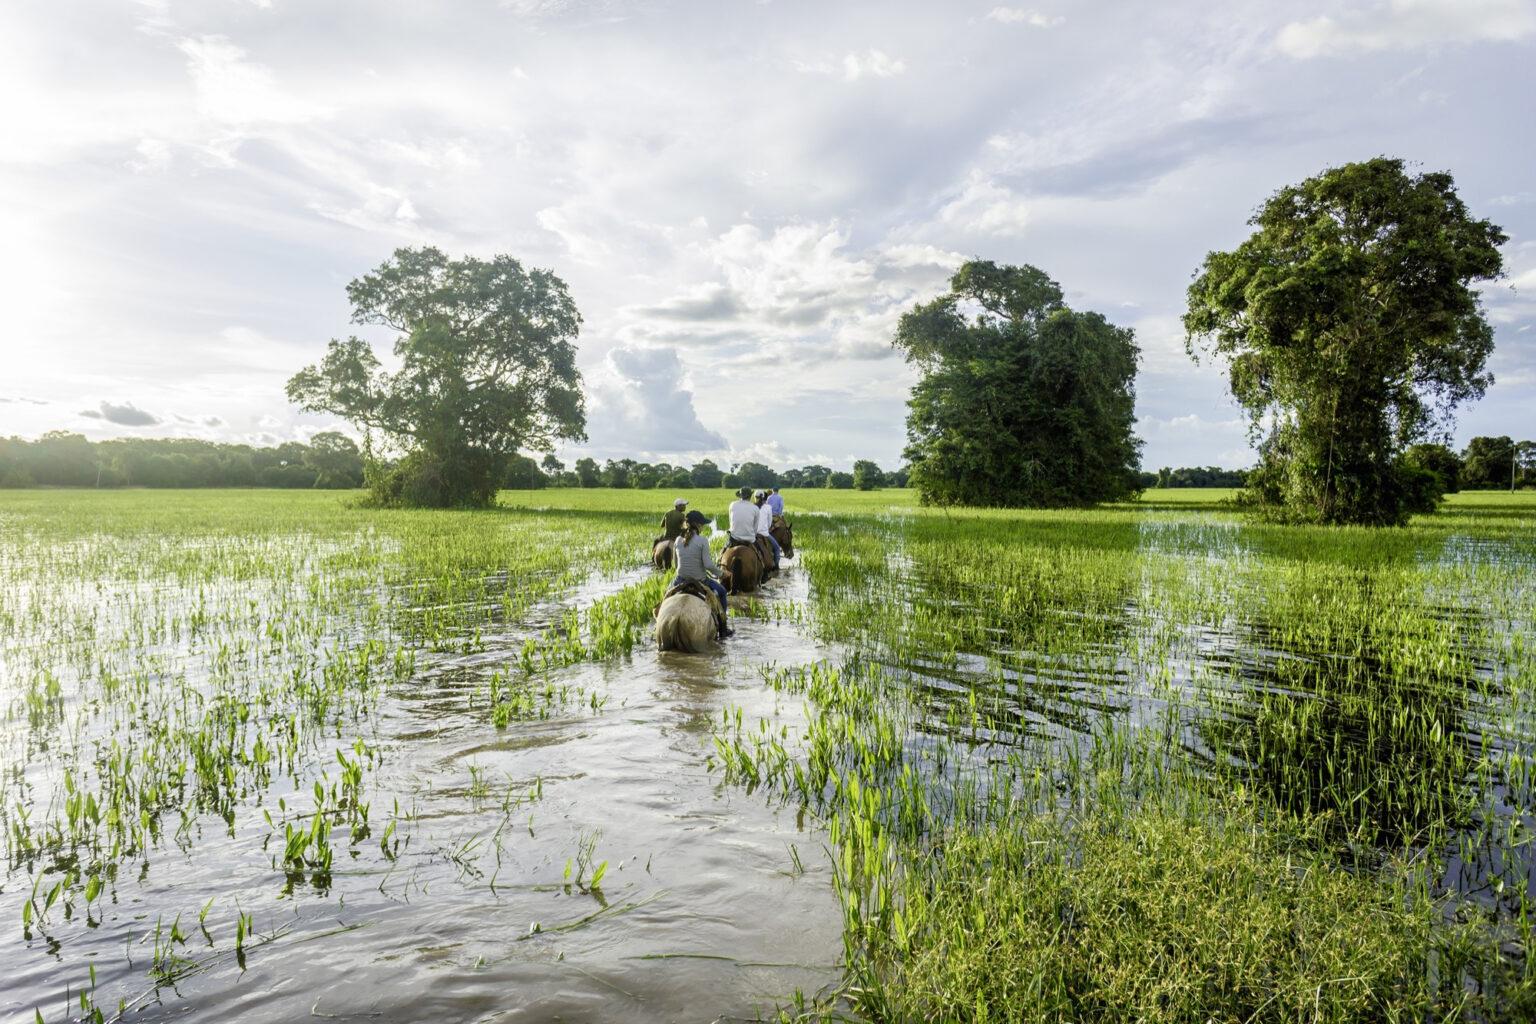 Pantanal10 - 1